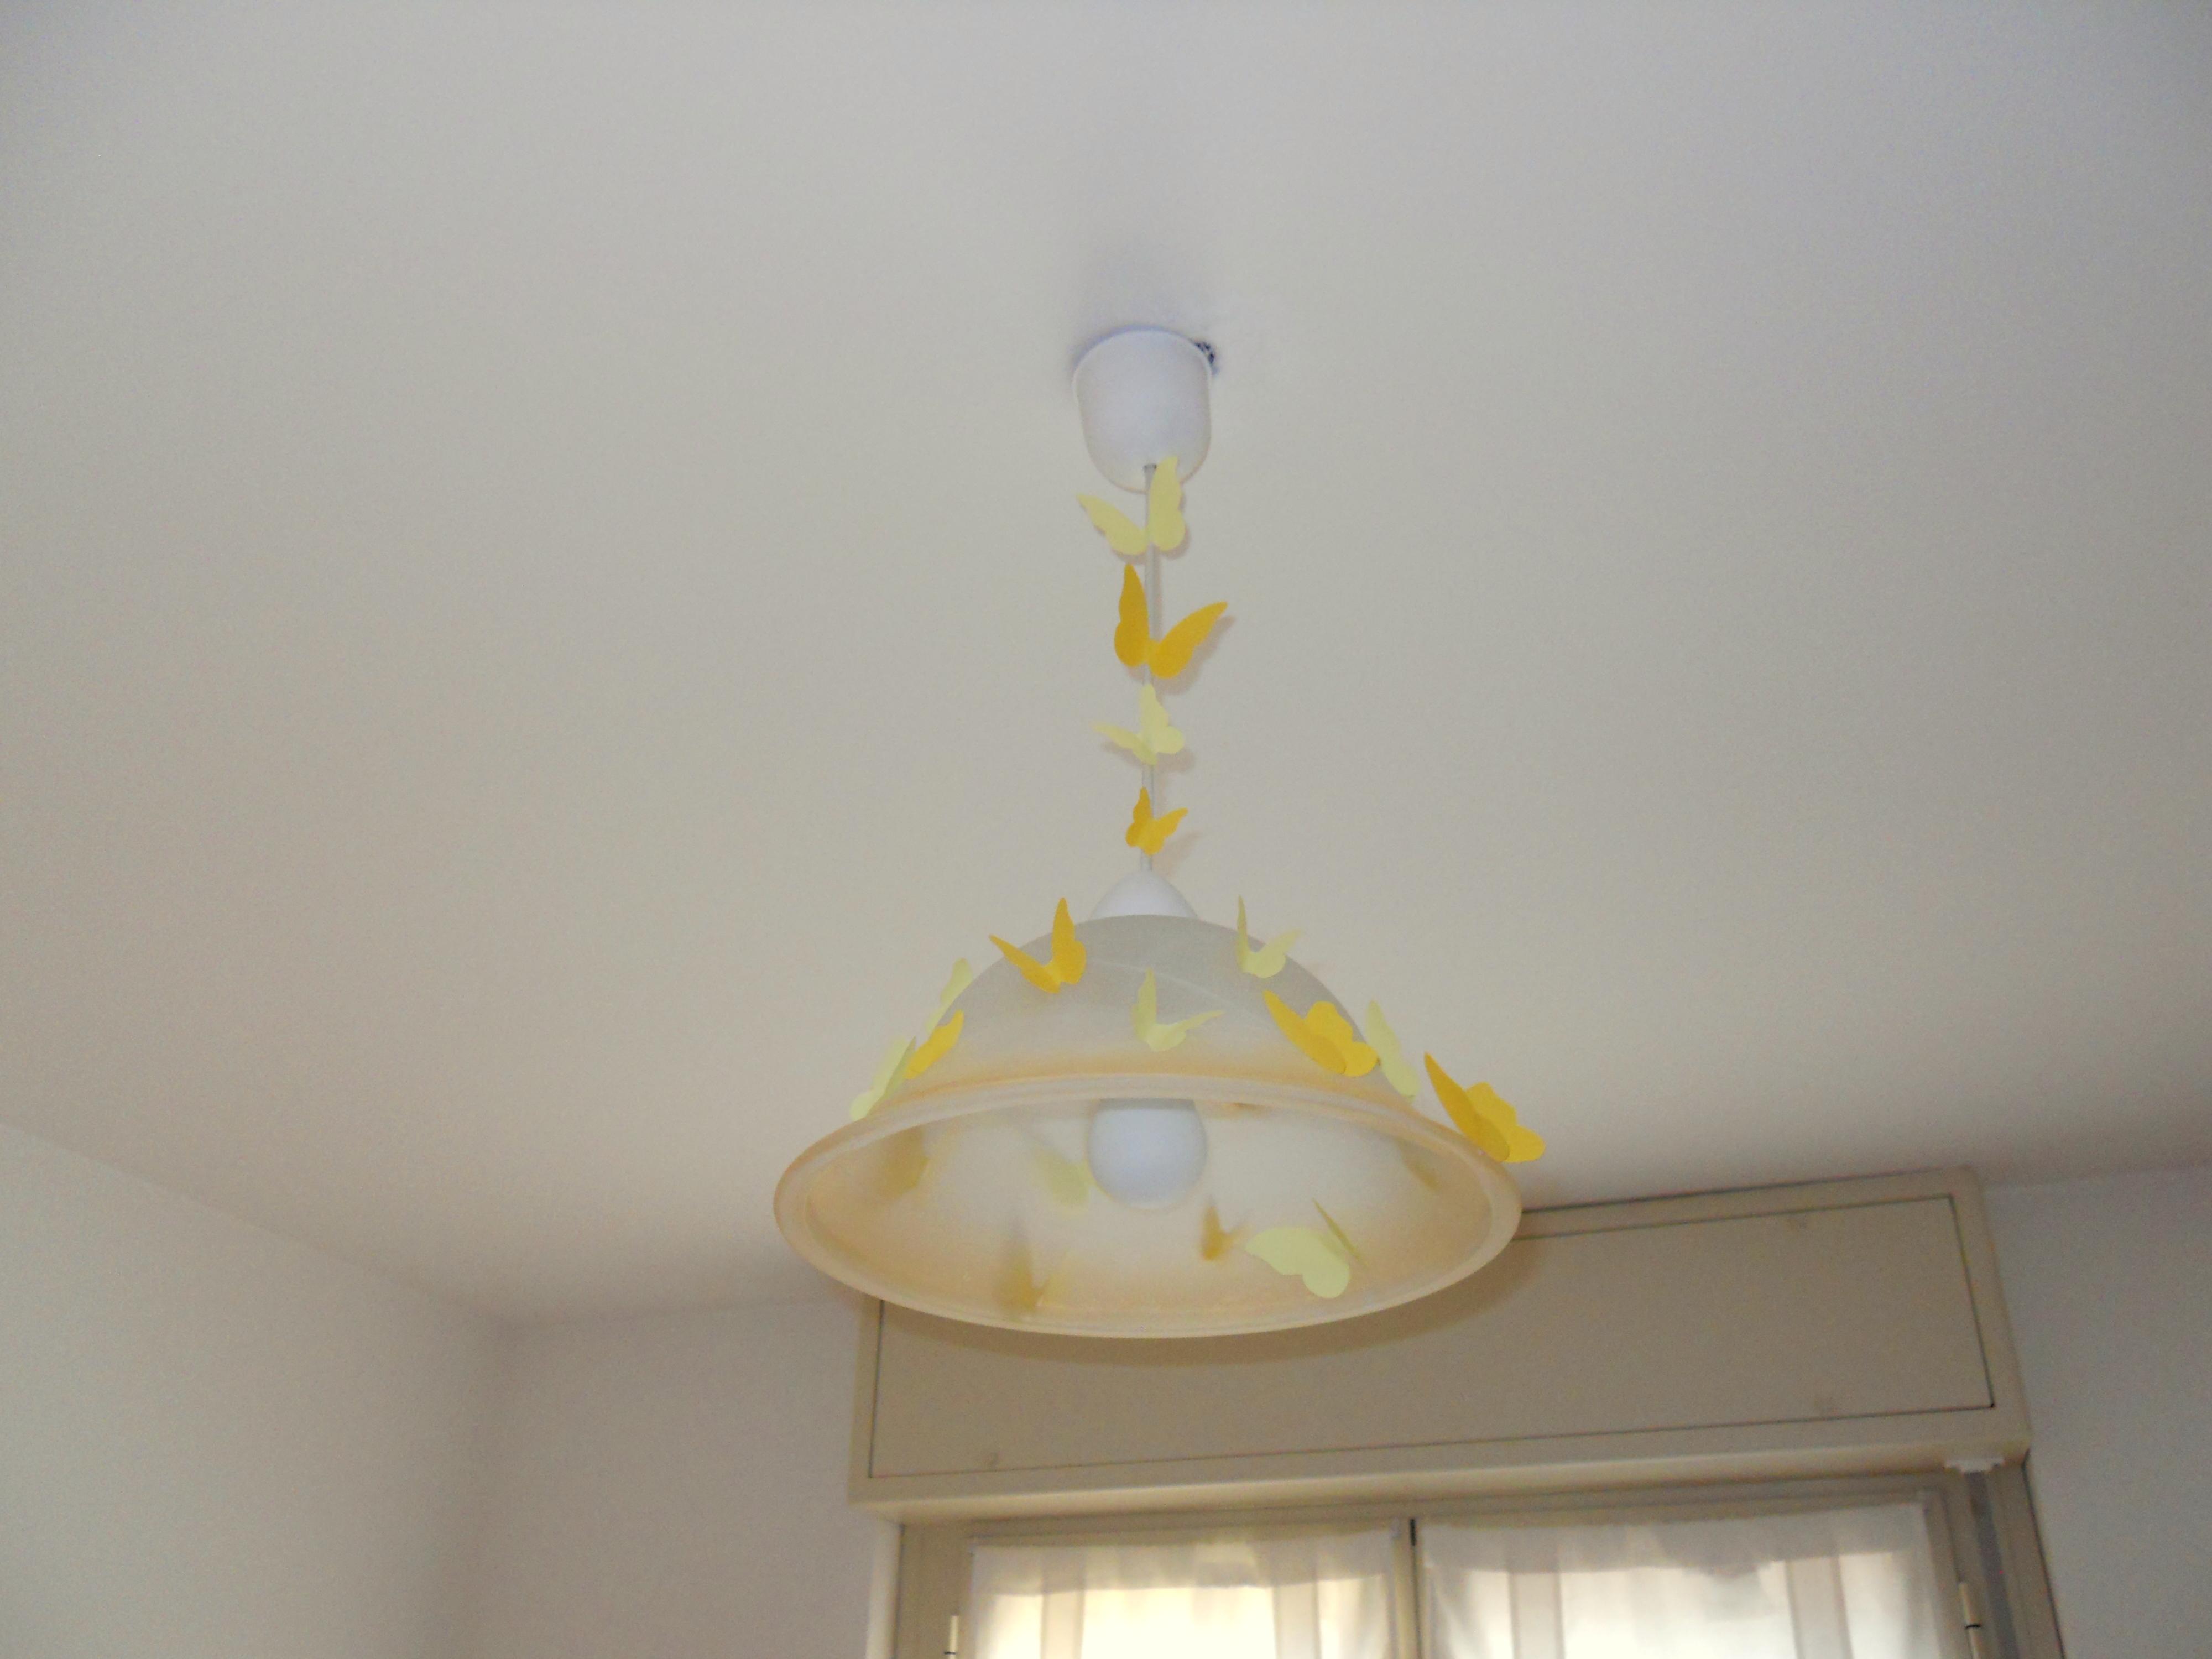 Lampadari fai da te per camera da letto: lampadari fai da te. il ...